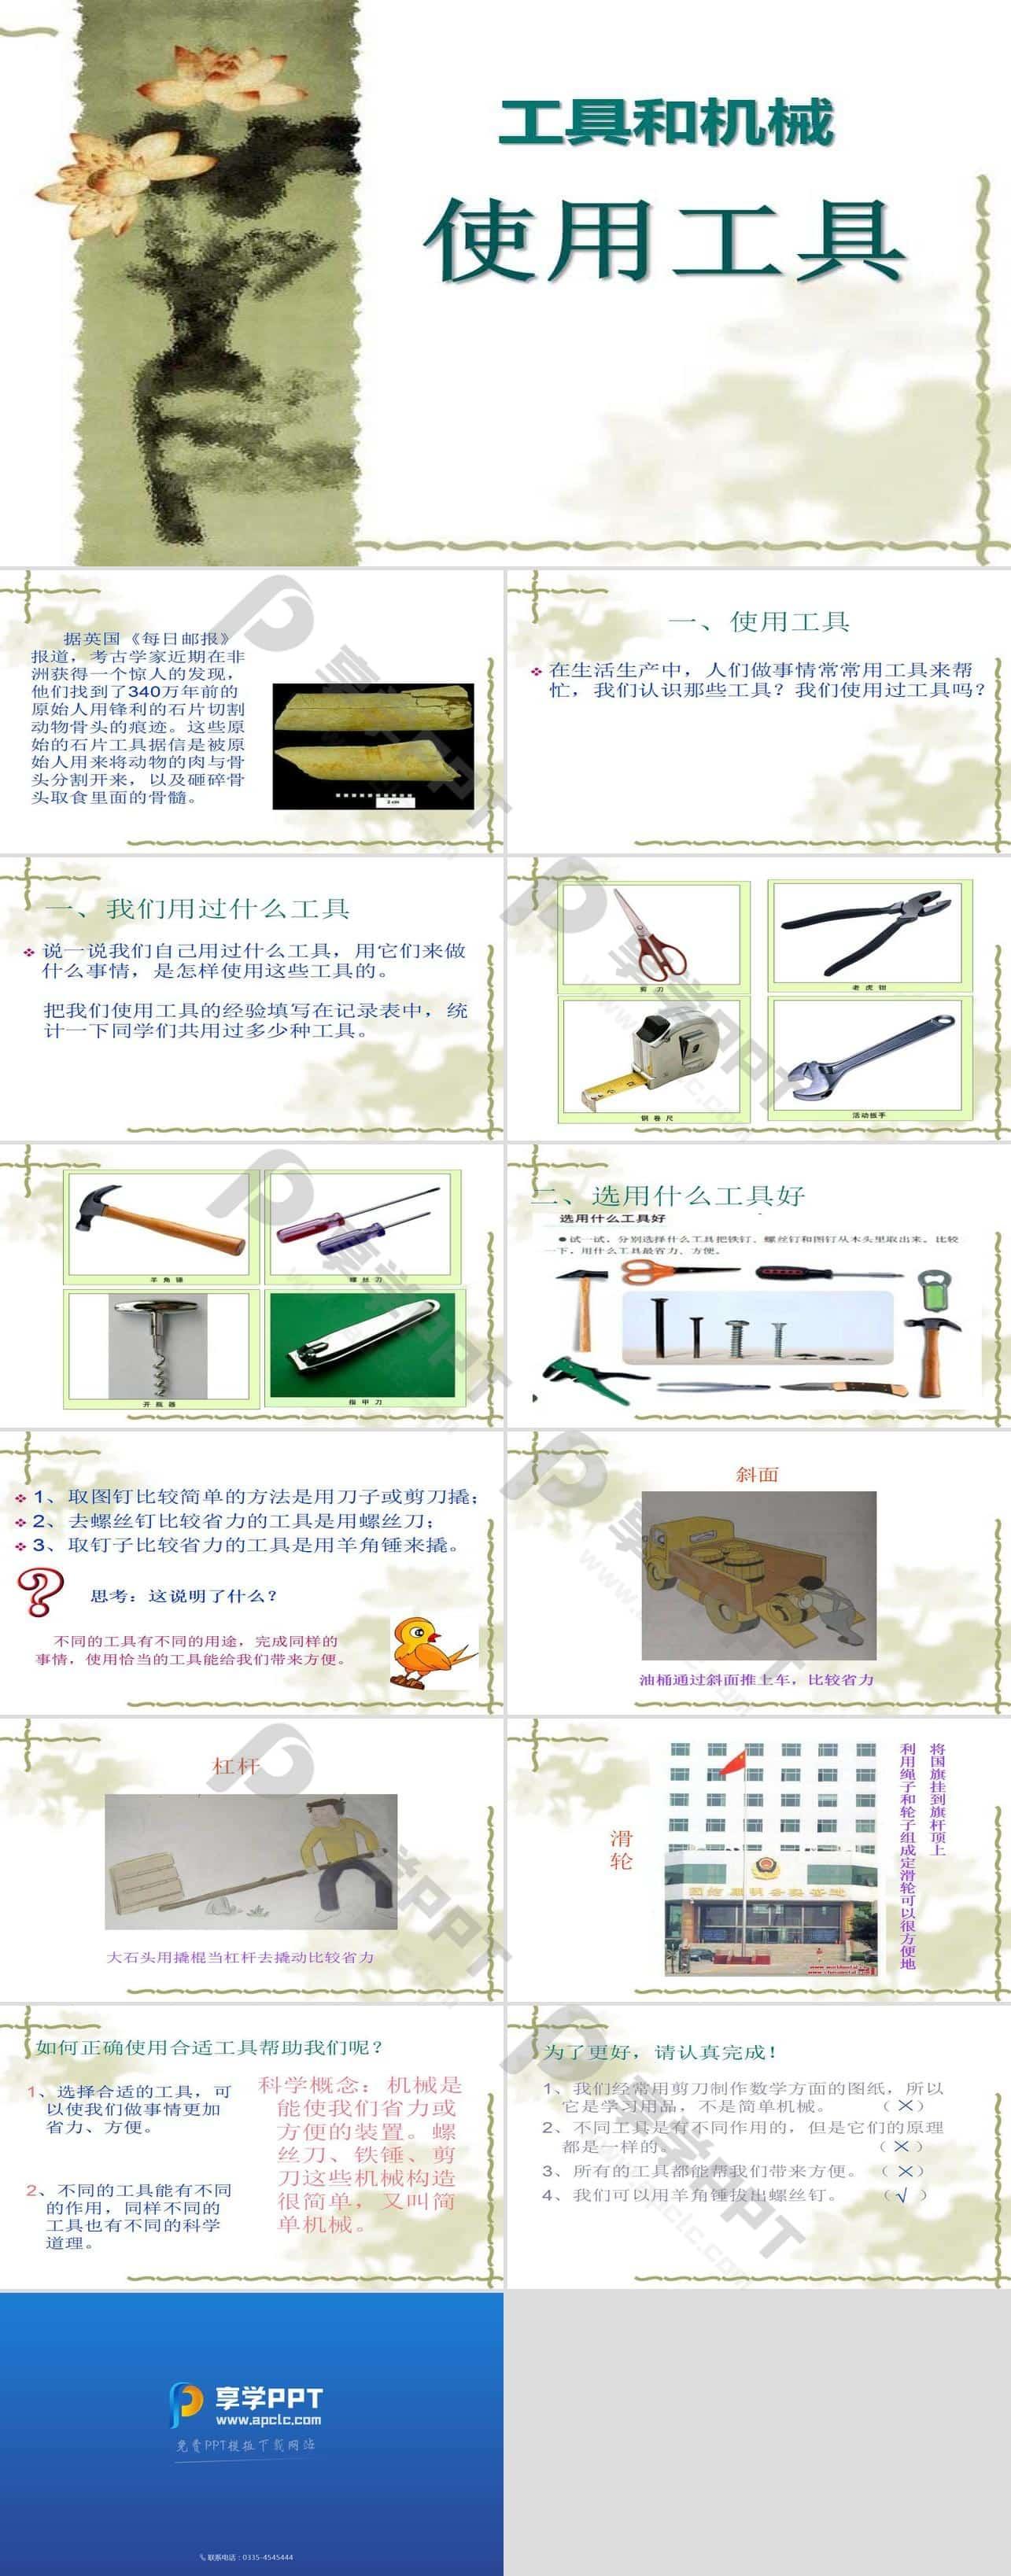 《使用工具》工具和机械PPT课件2长图